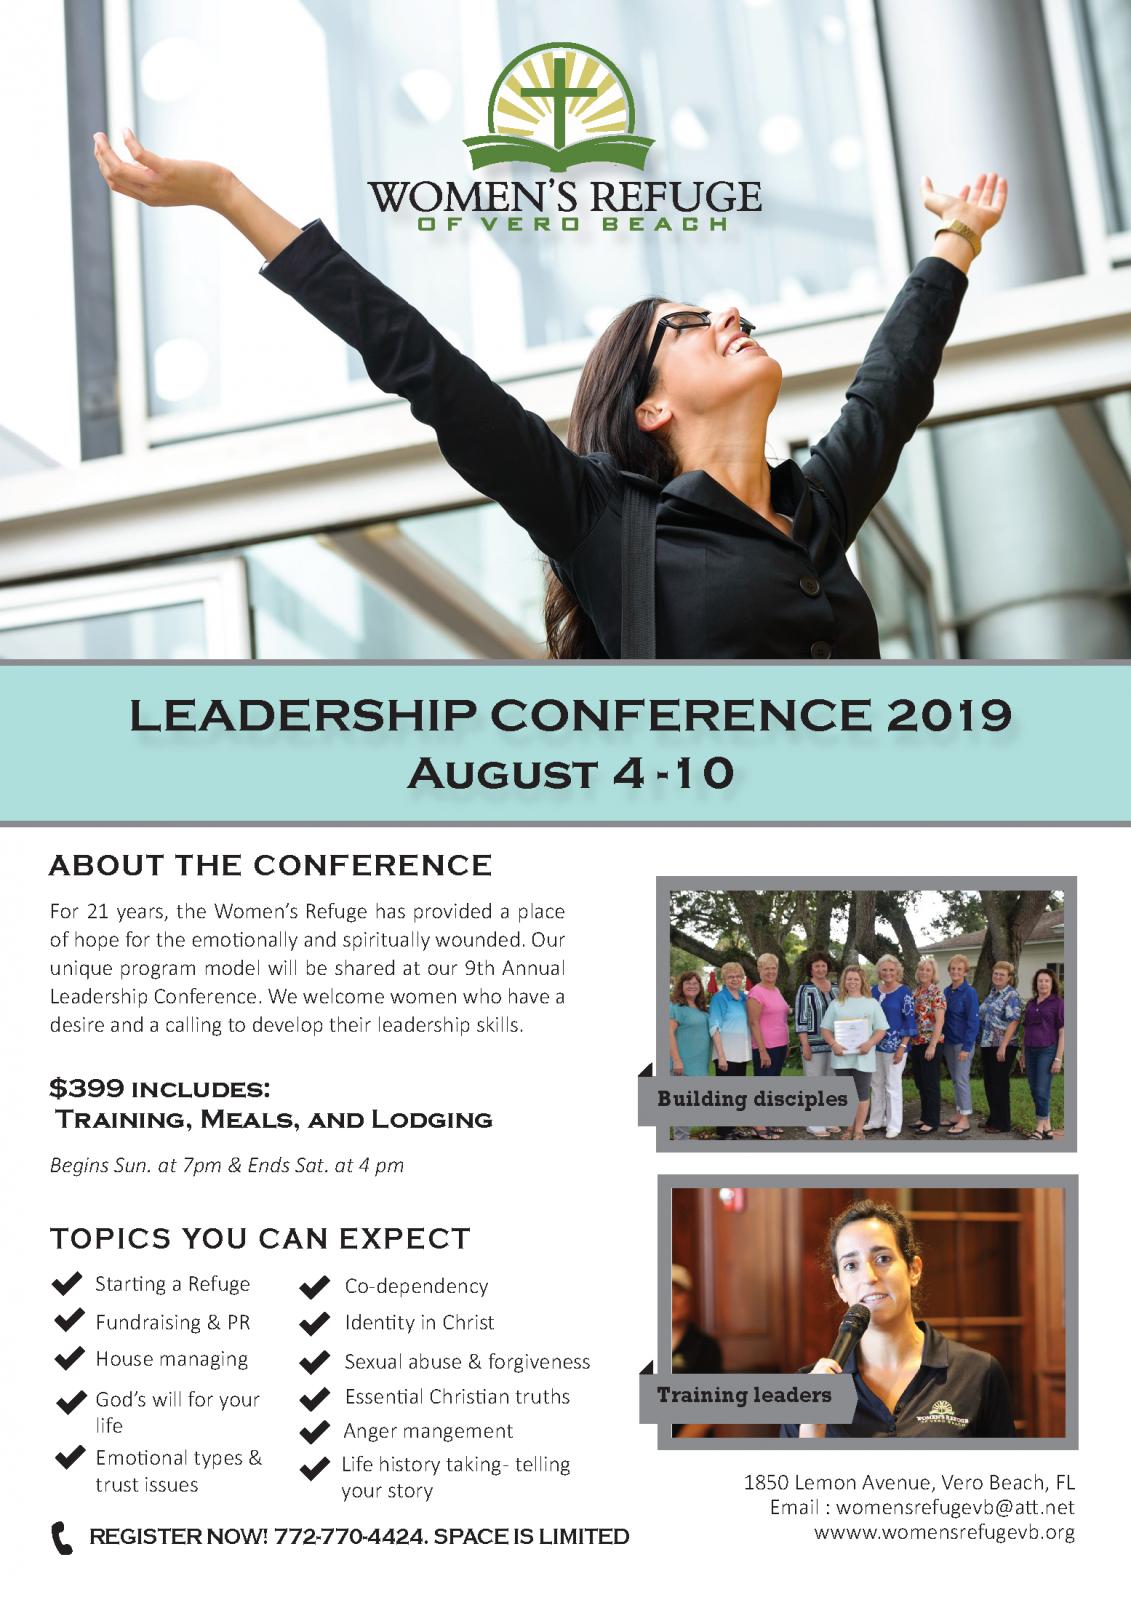 Leadership Conference 2019 - August 4 - 10 - WomensRefugeVB org